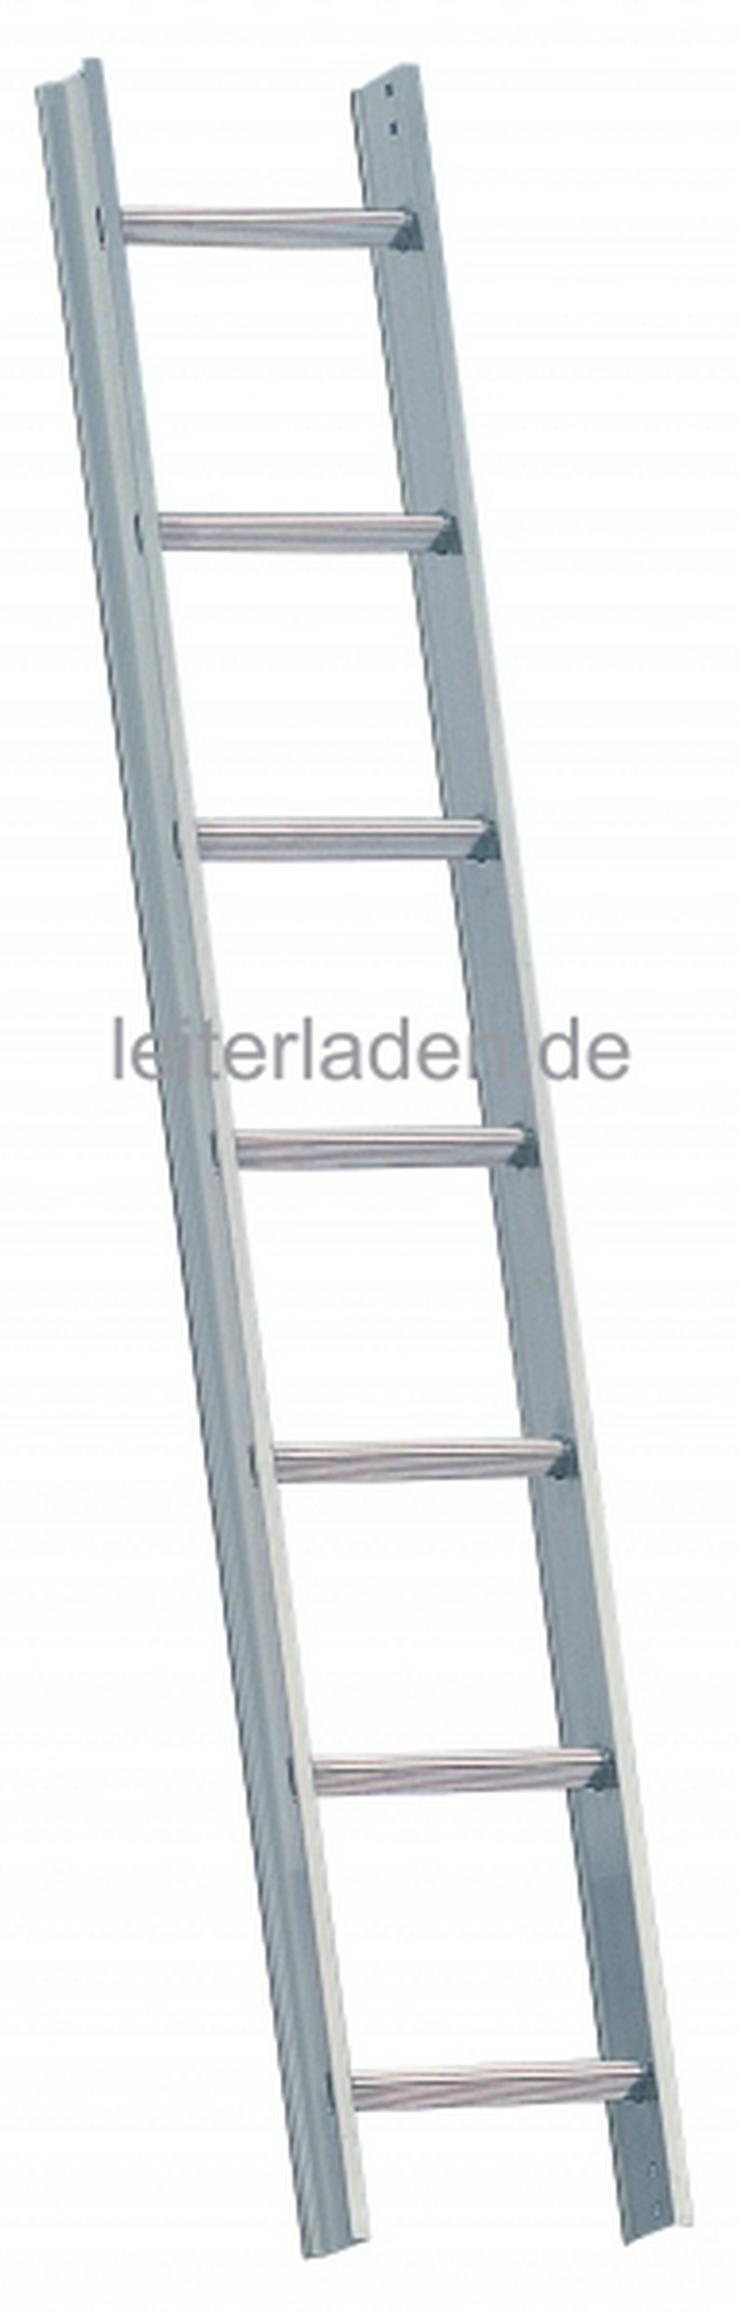 Verkaufe neue Alu- Layher Dachleiter 7 Sprossen mit Dichtungsgummi 1,96 m